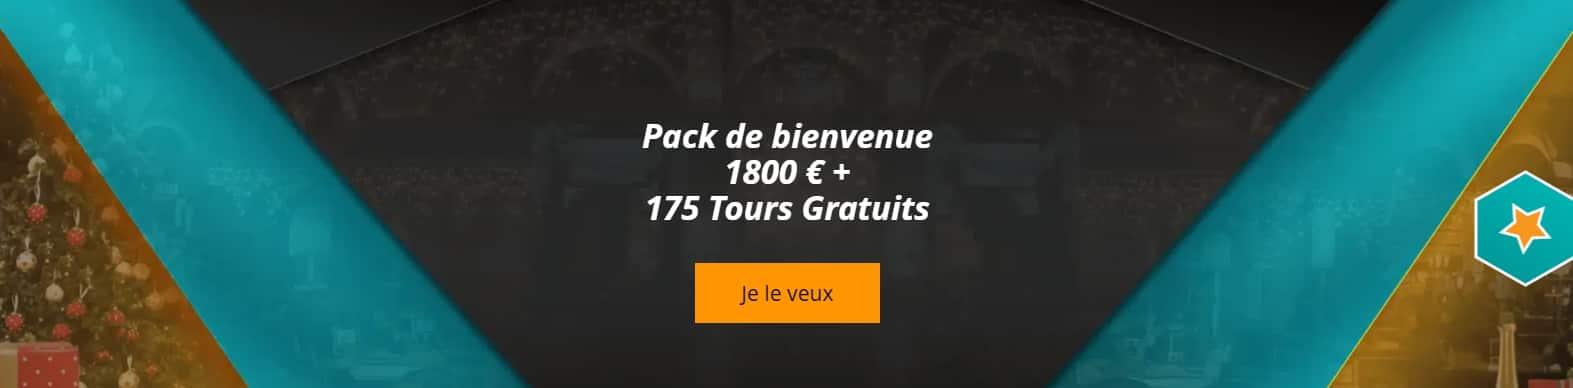 10 euro bonus de casino